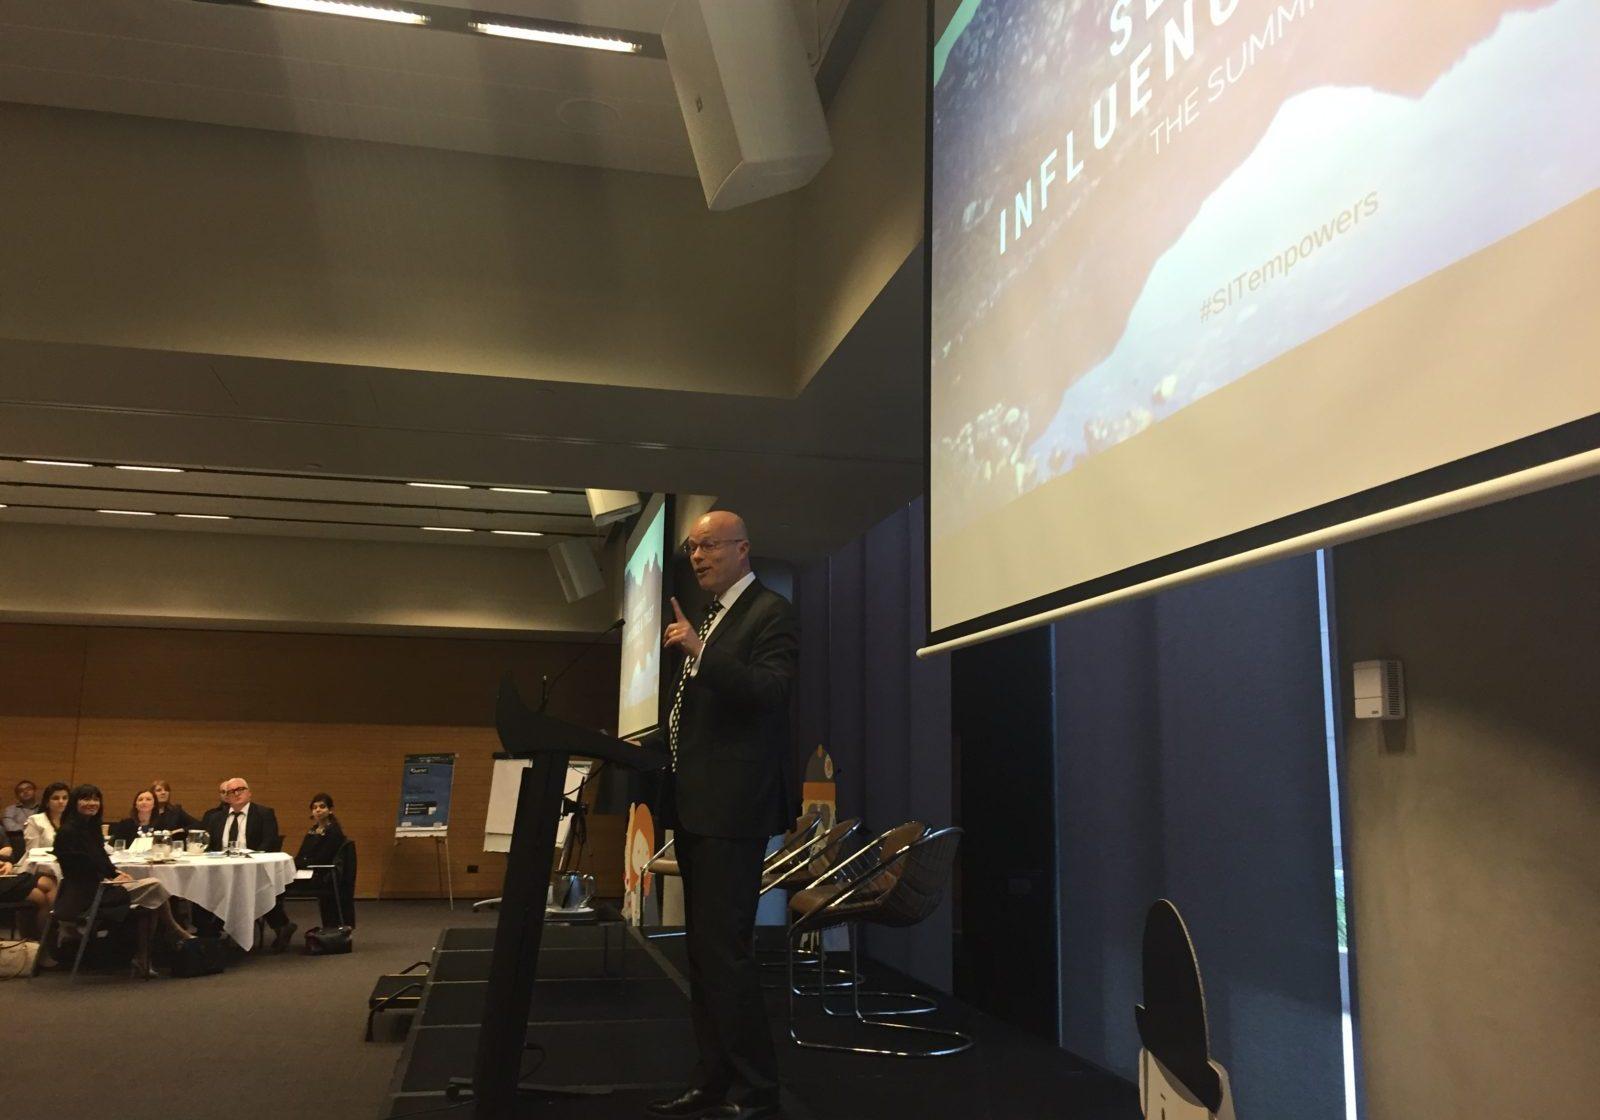 Alastair MacGibbon opens SIT Summit 2016